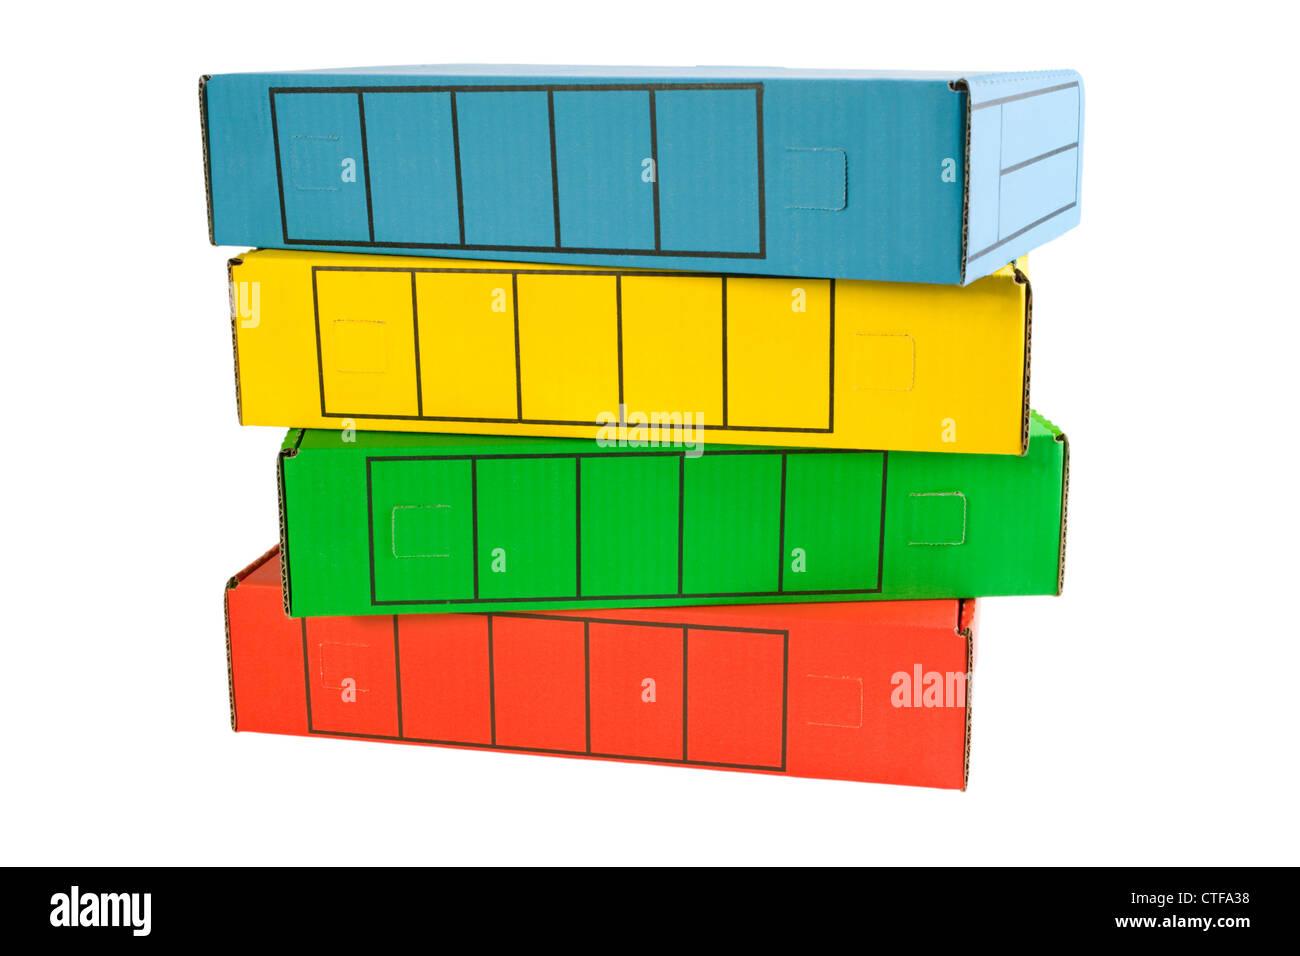 Una pila di scatole di archivio in colori luminosi. Tracciato di ritaglio Immagini Stock